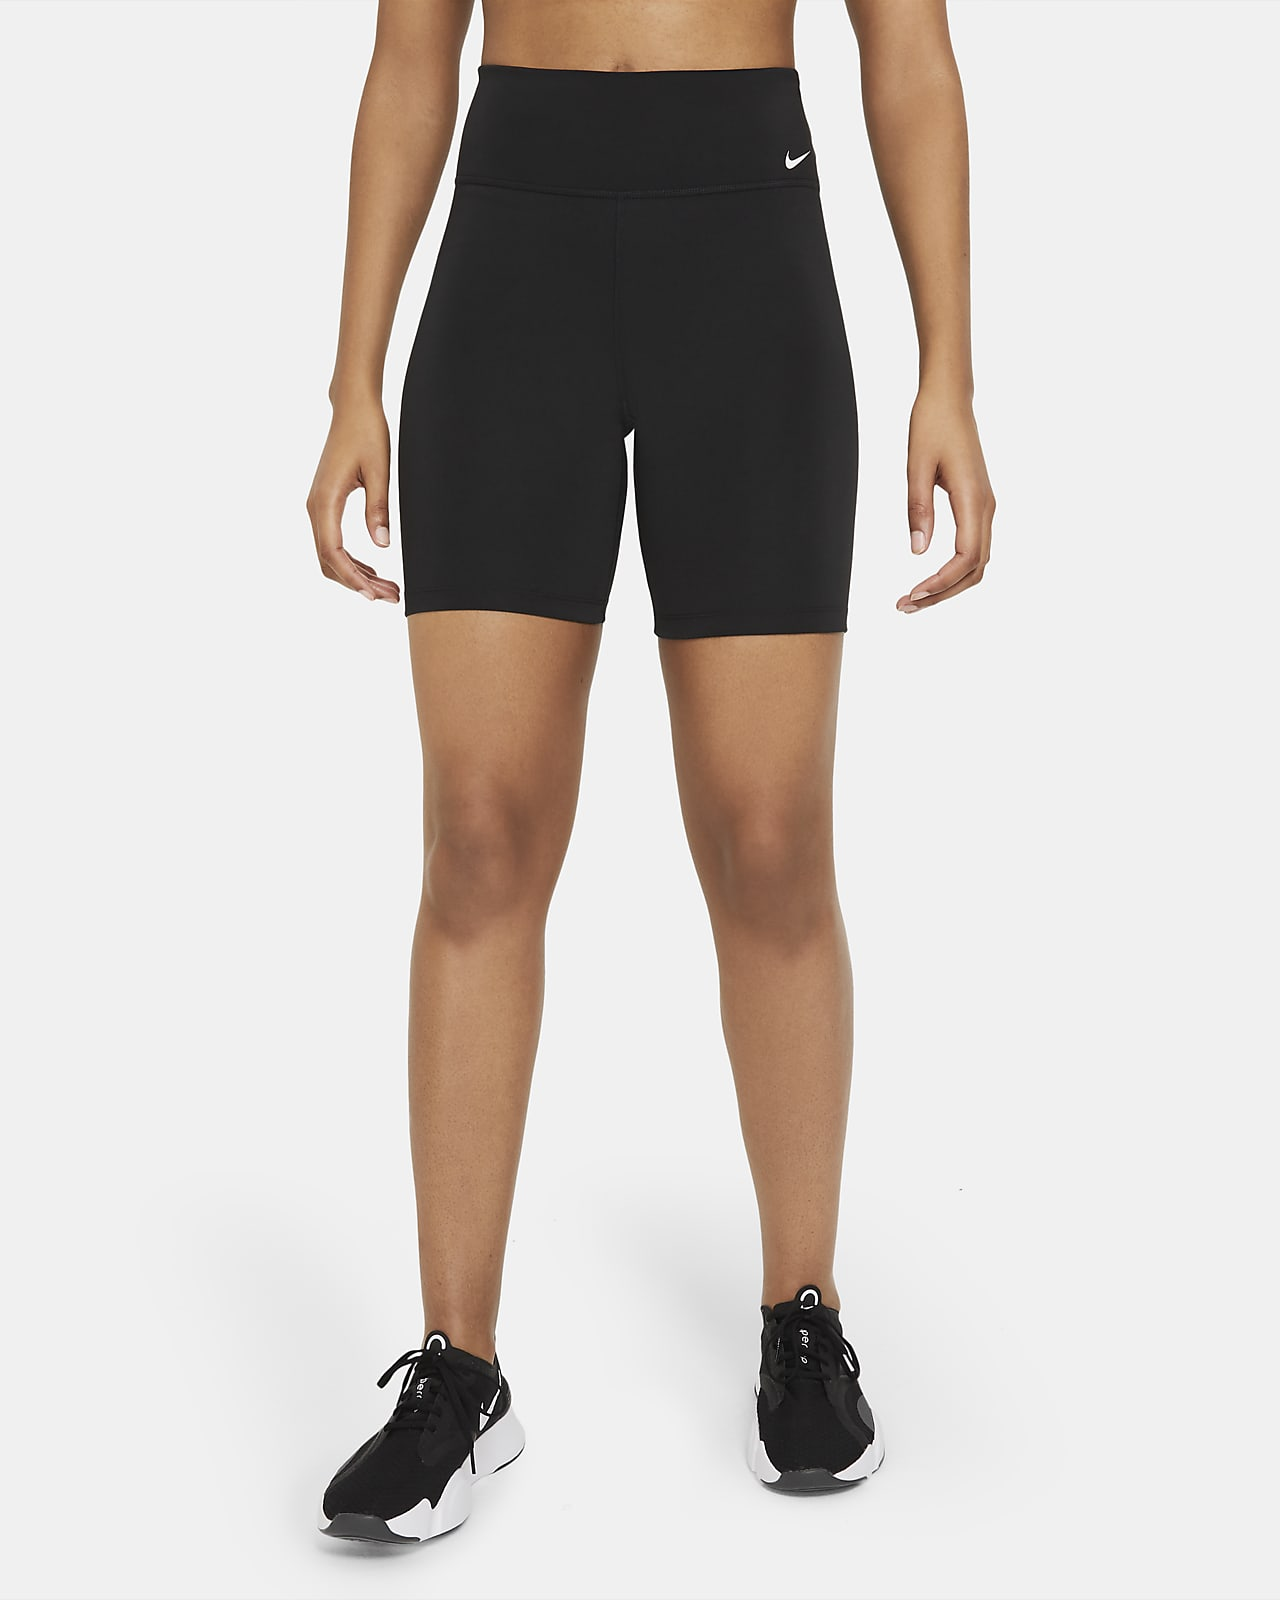 Nike One Pantalón corto de talle medio de 18 cm - Mujer